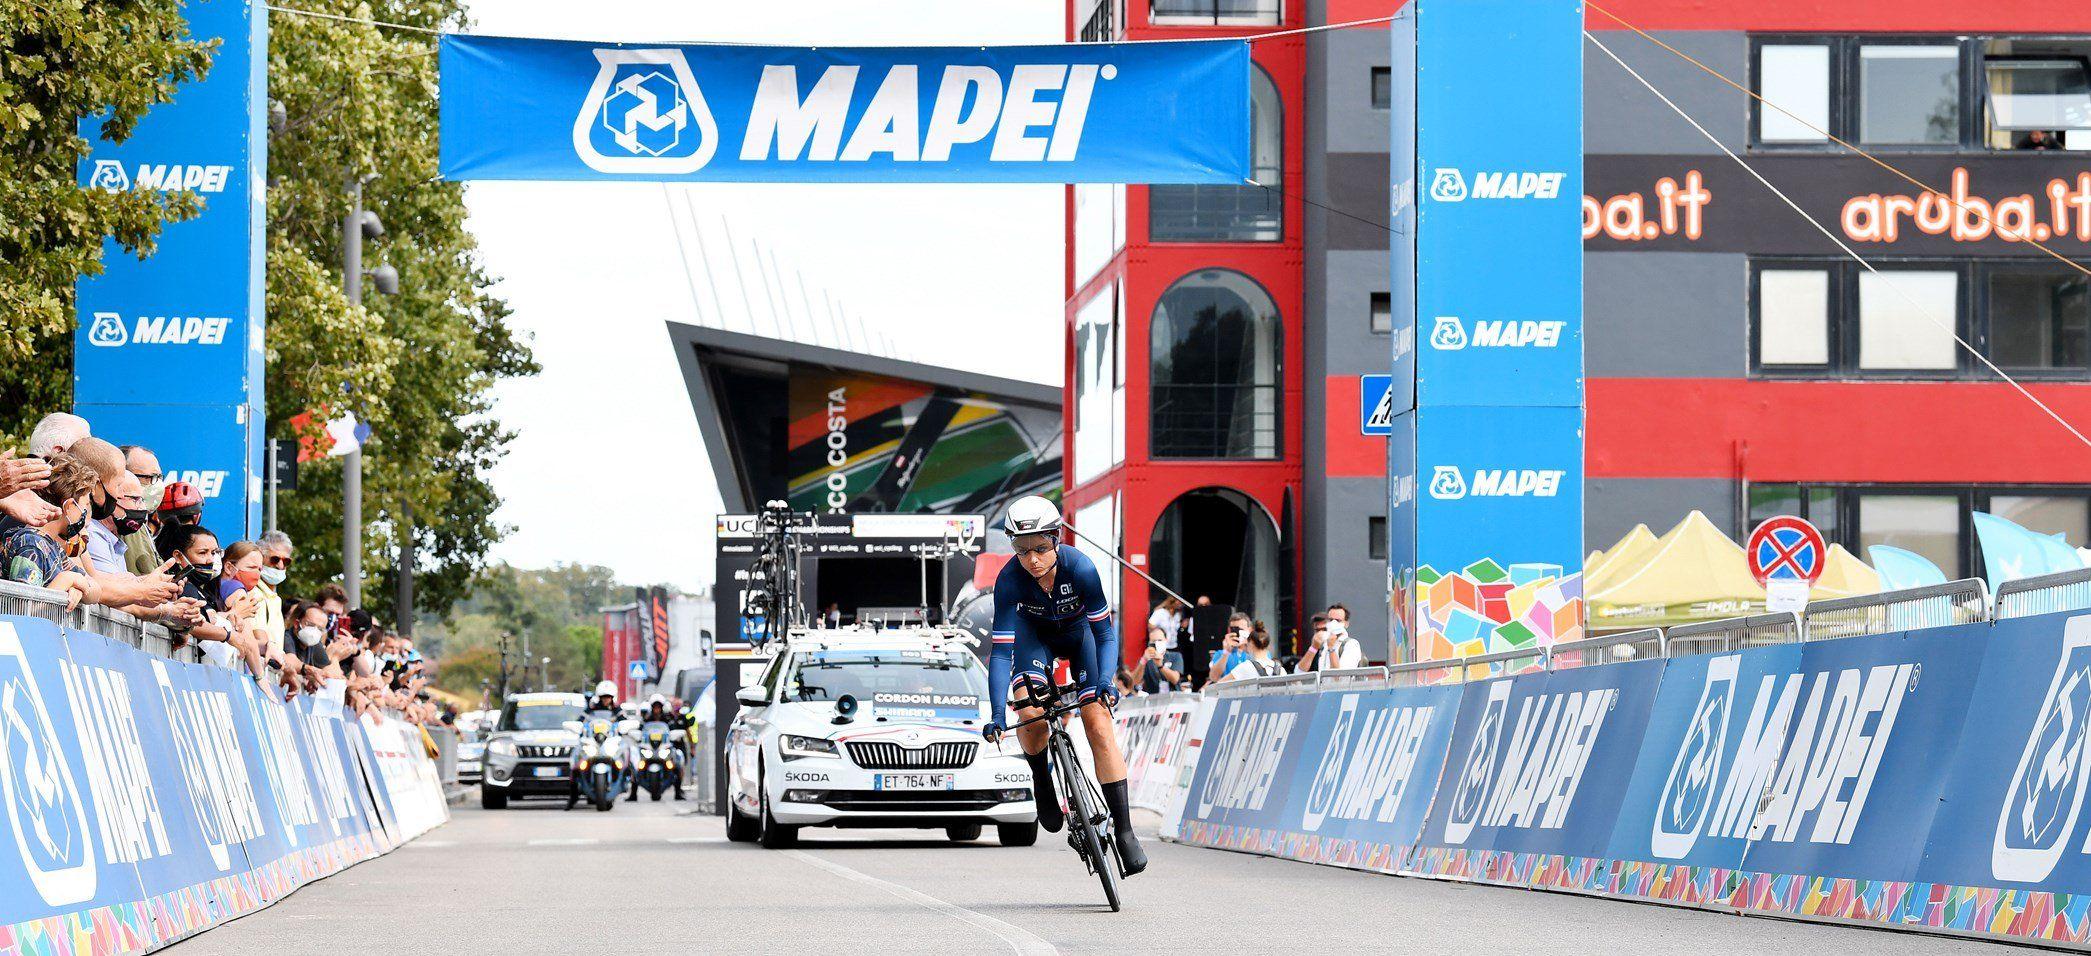 Mapei continua a pedalare con l'Union Cycliste Internationale